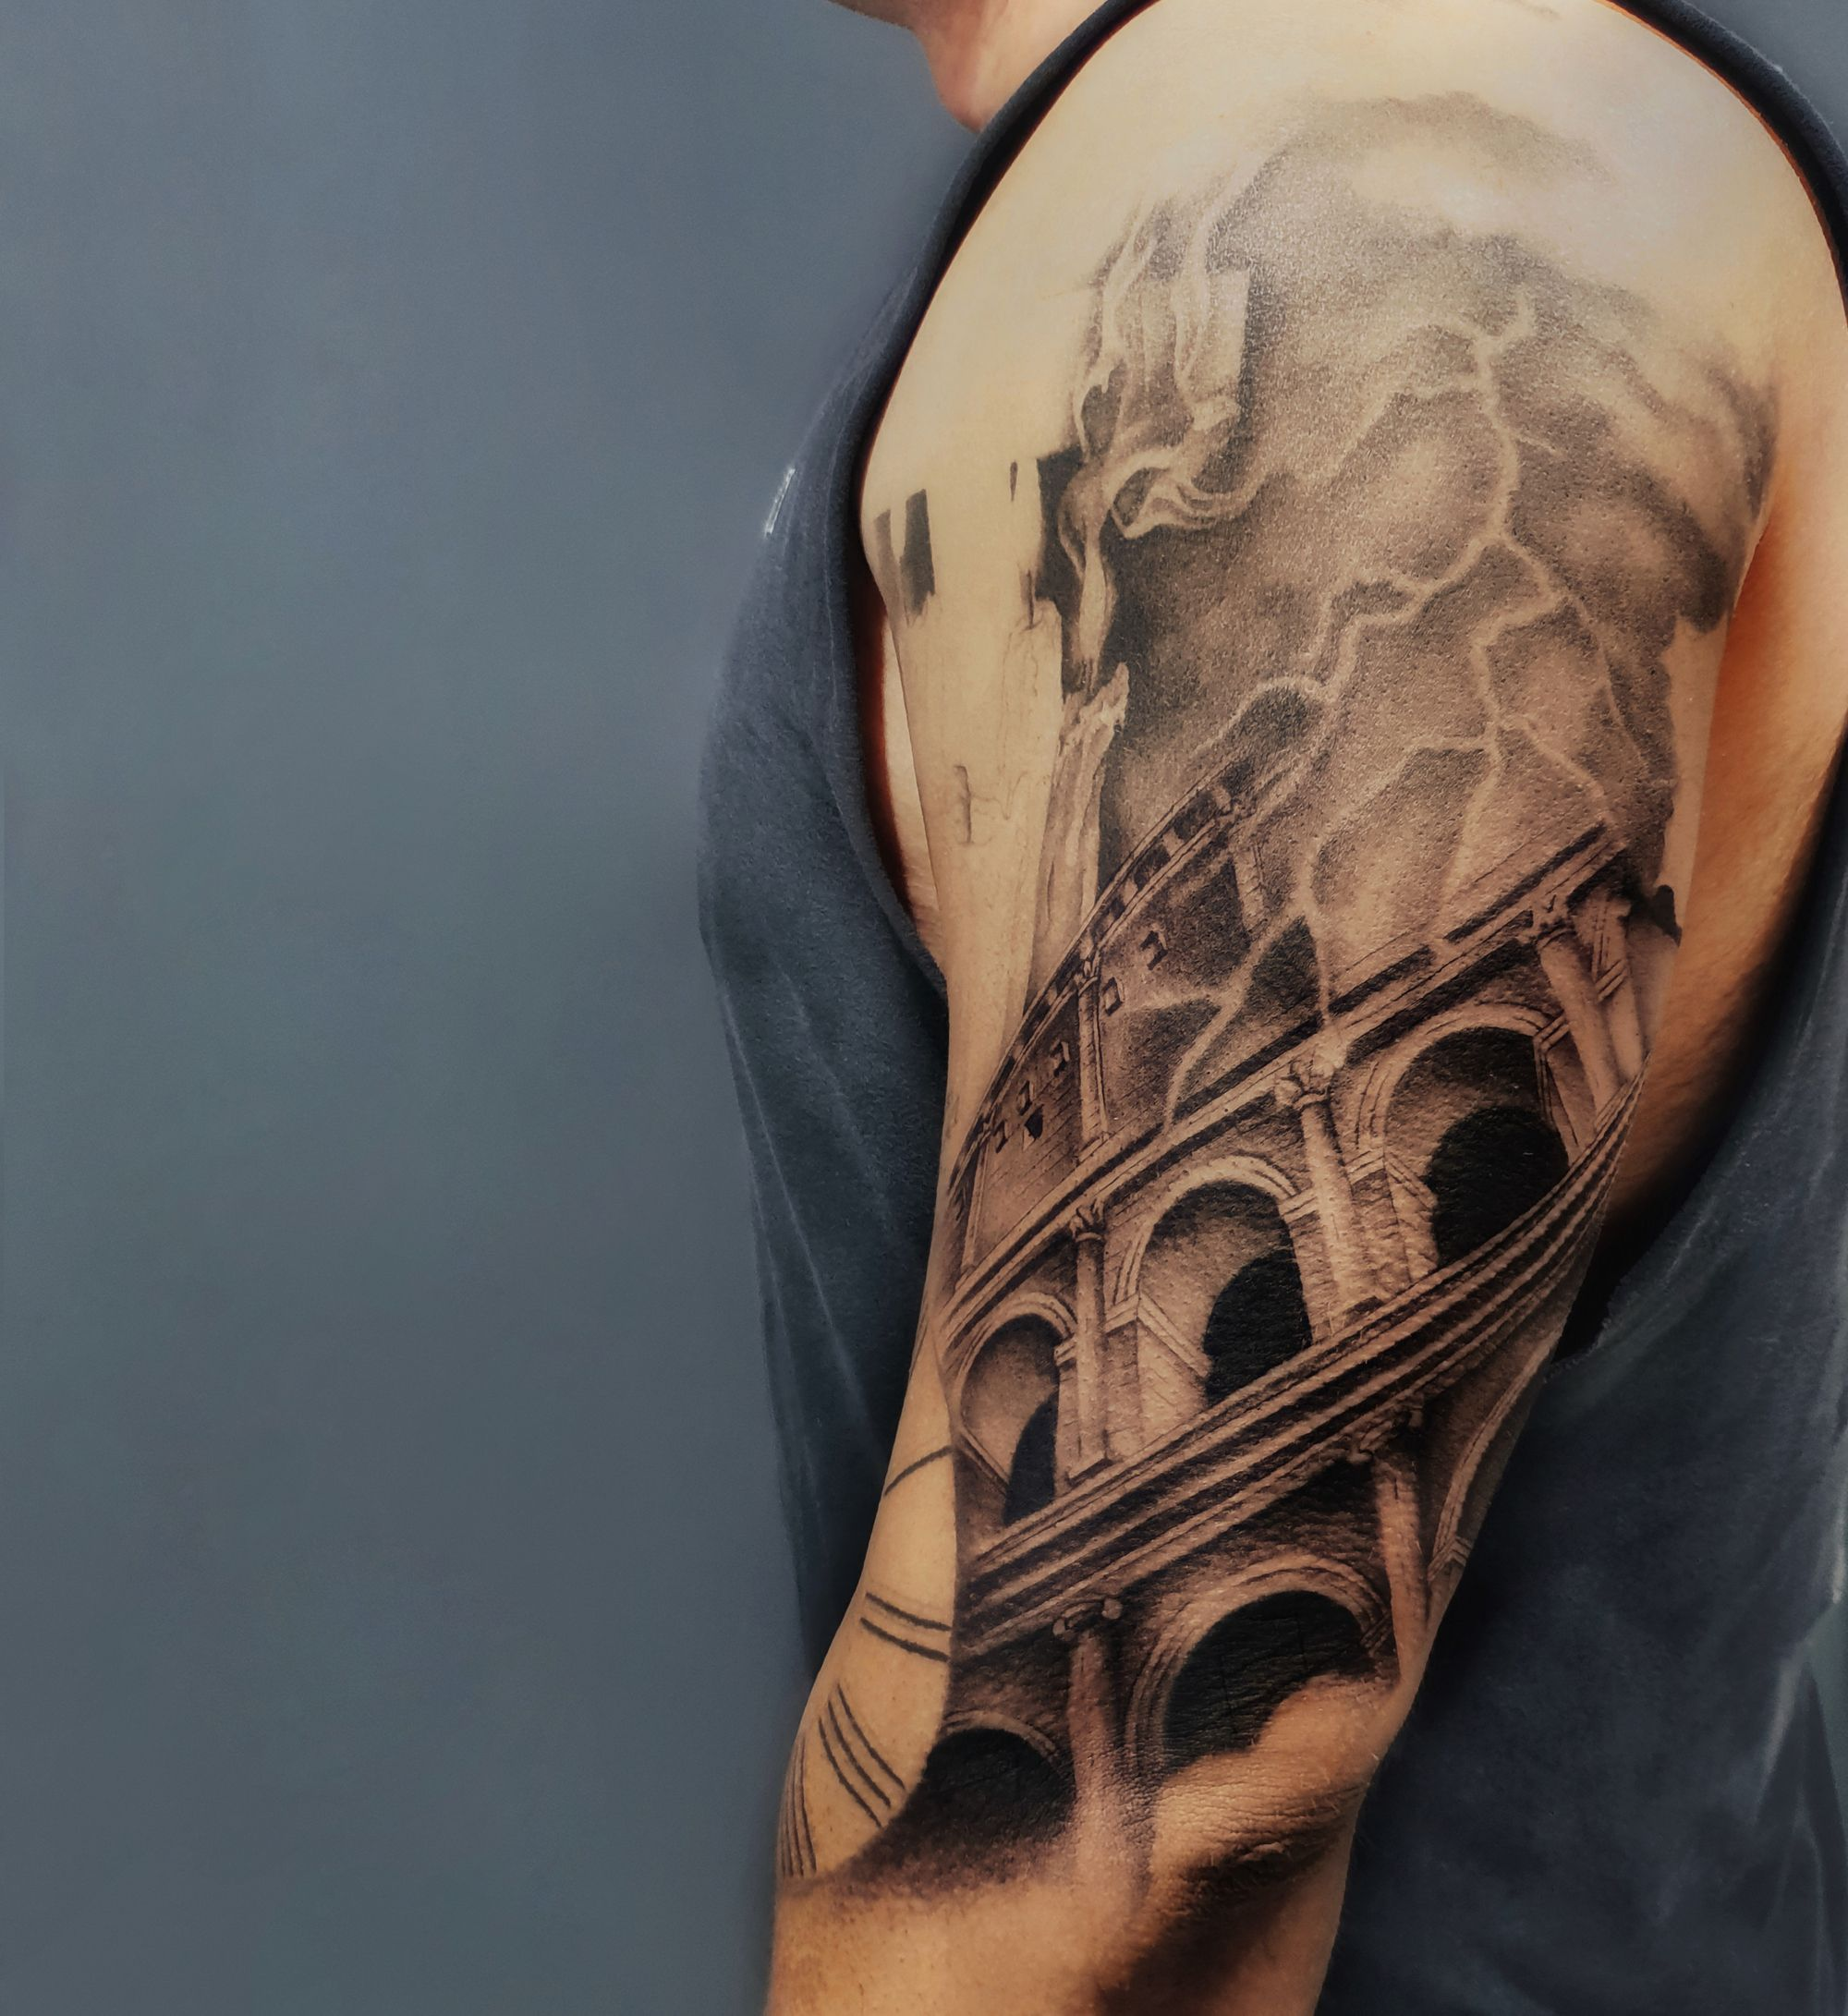 Graywash tattoo